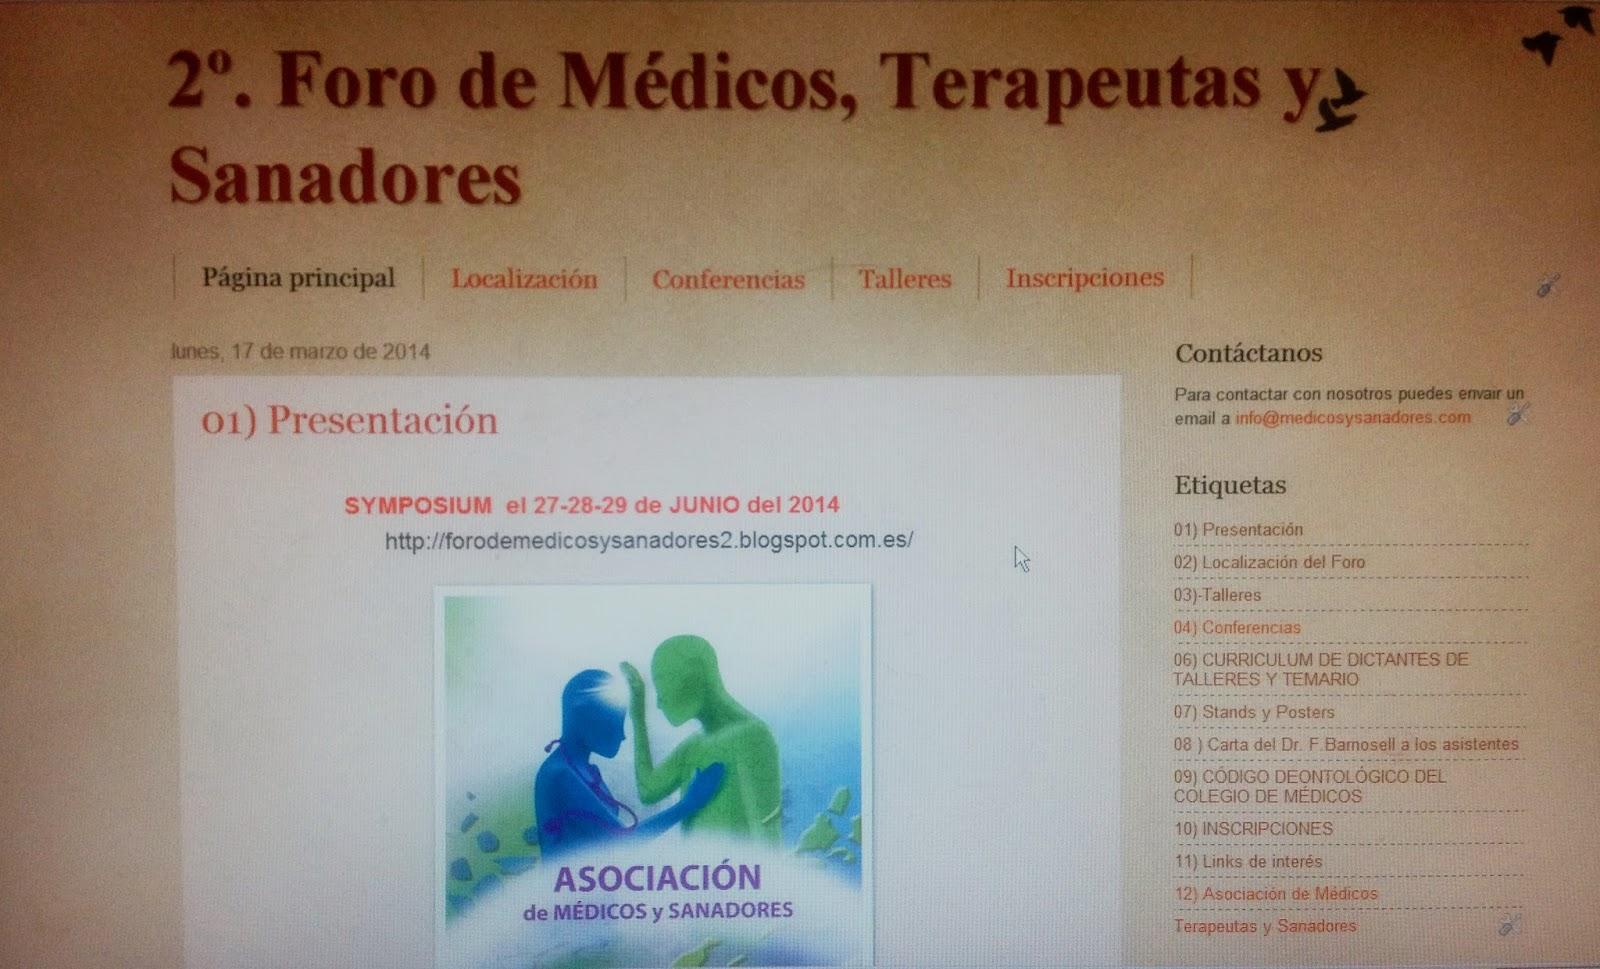 1er. Foro de Médicos y Sanadores 2013